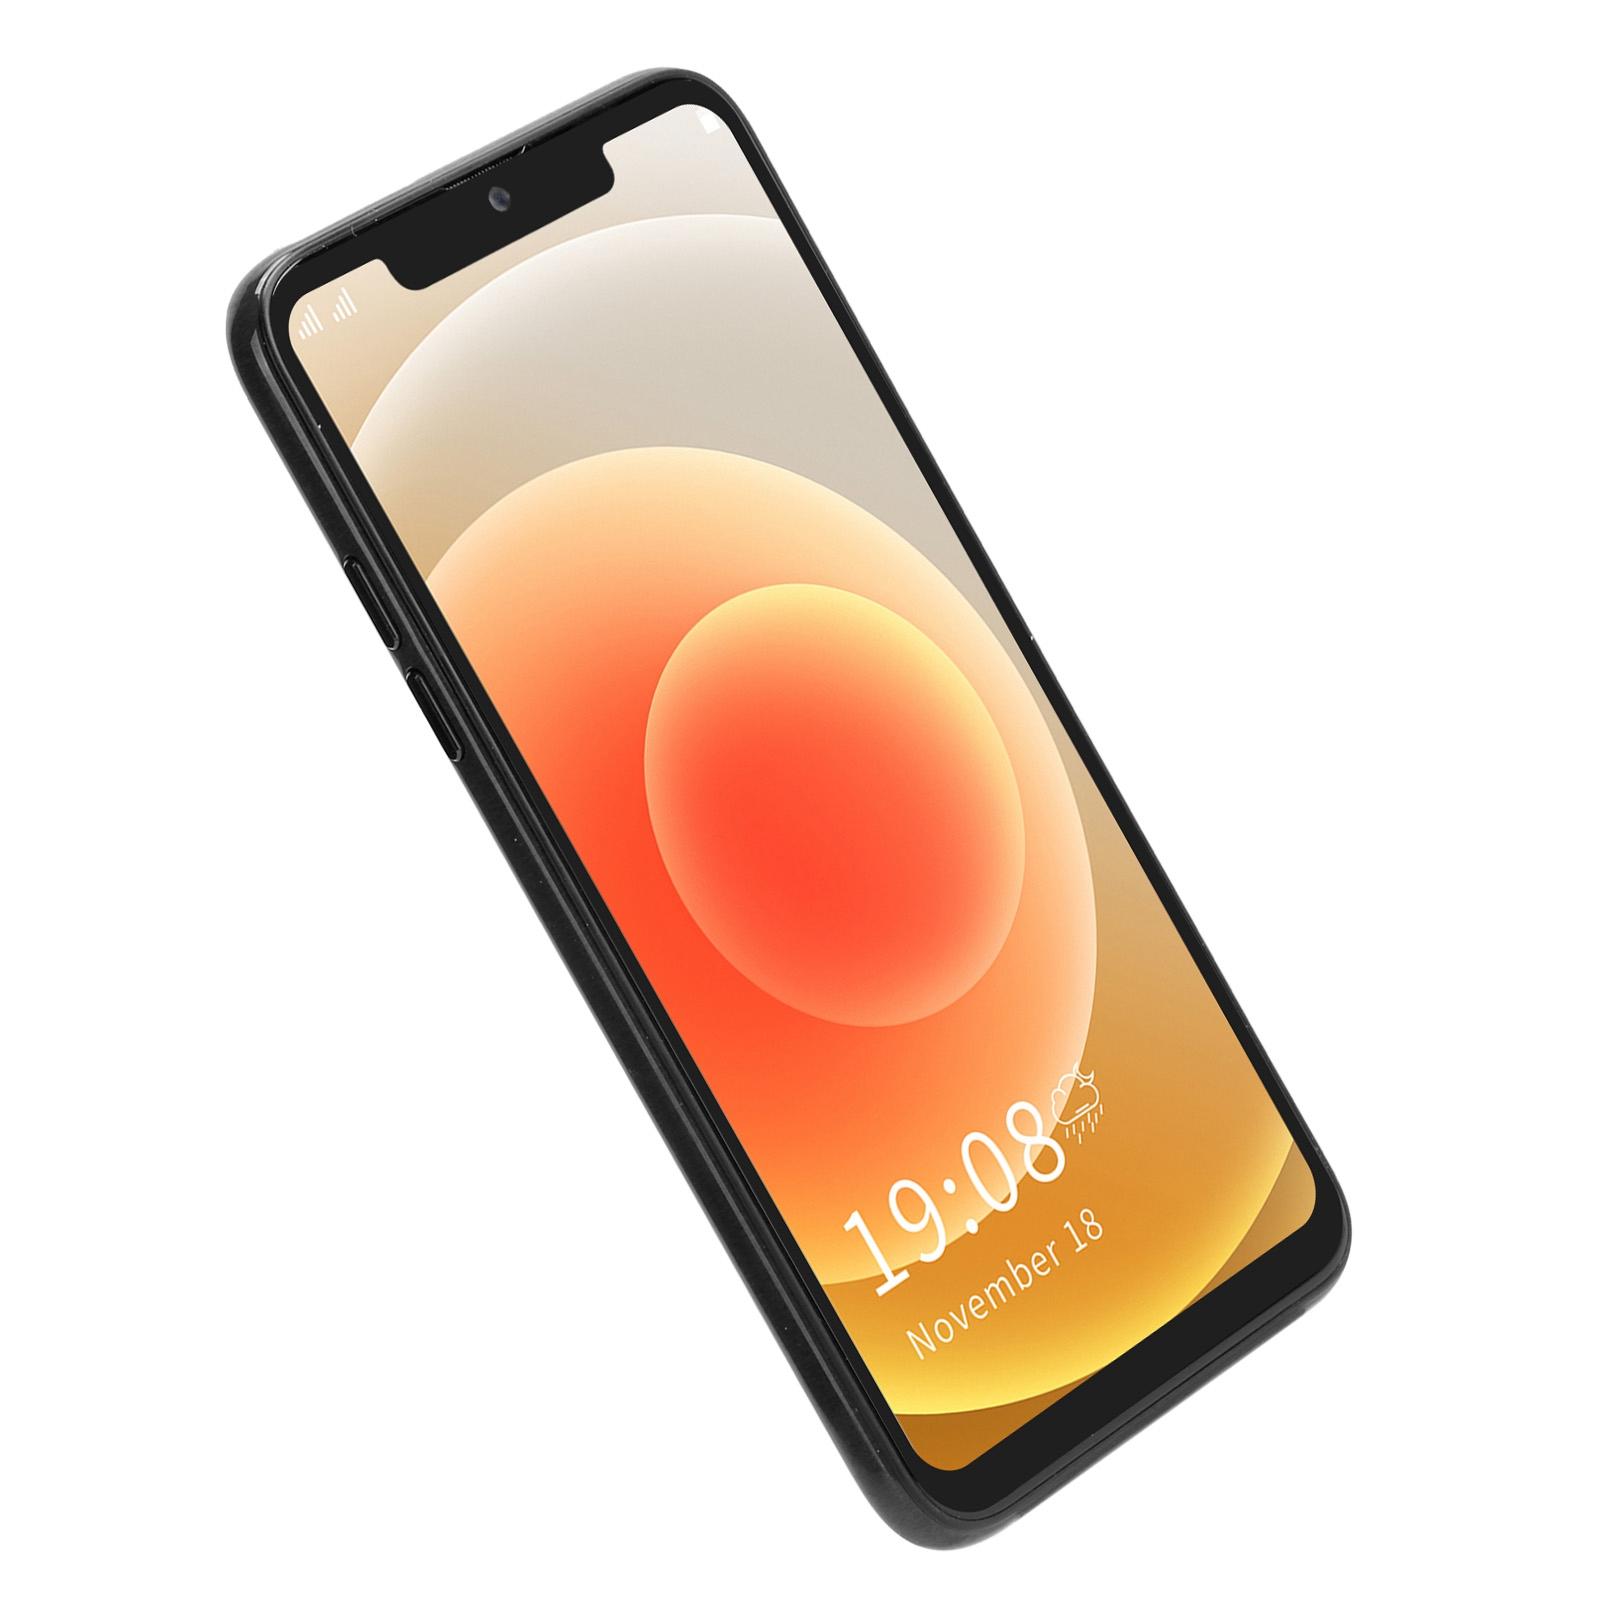 """miniature 20 - 6.5"""" Smartphone 1 Go 16 Go Mobile Phone Dual SIM avant arrière double caméra Android"""